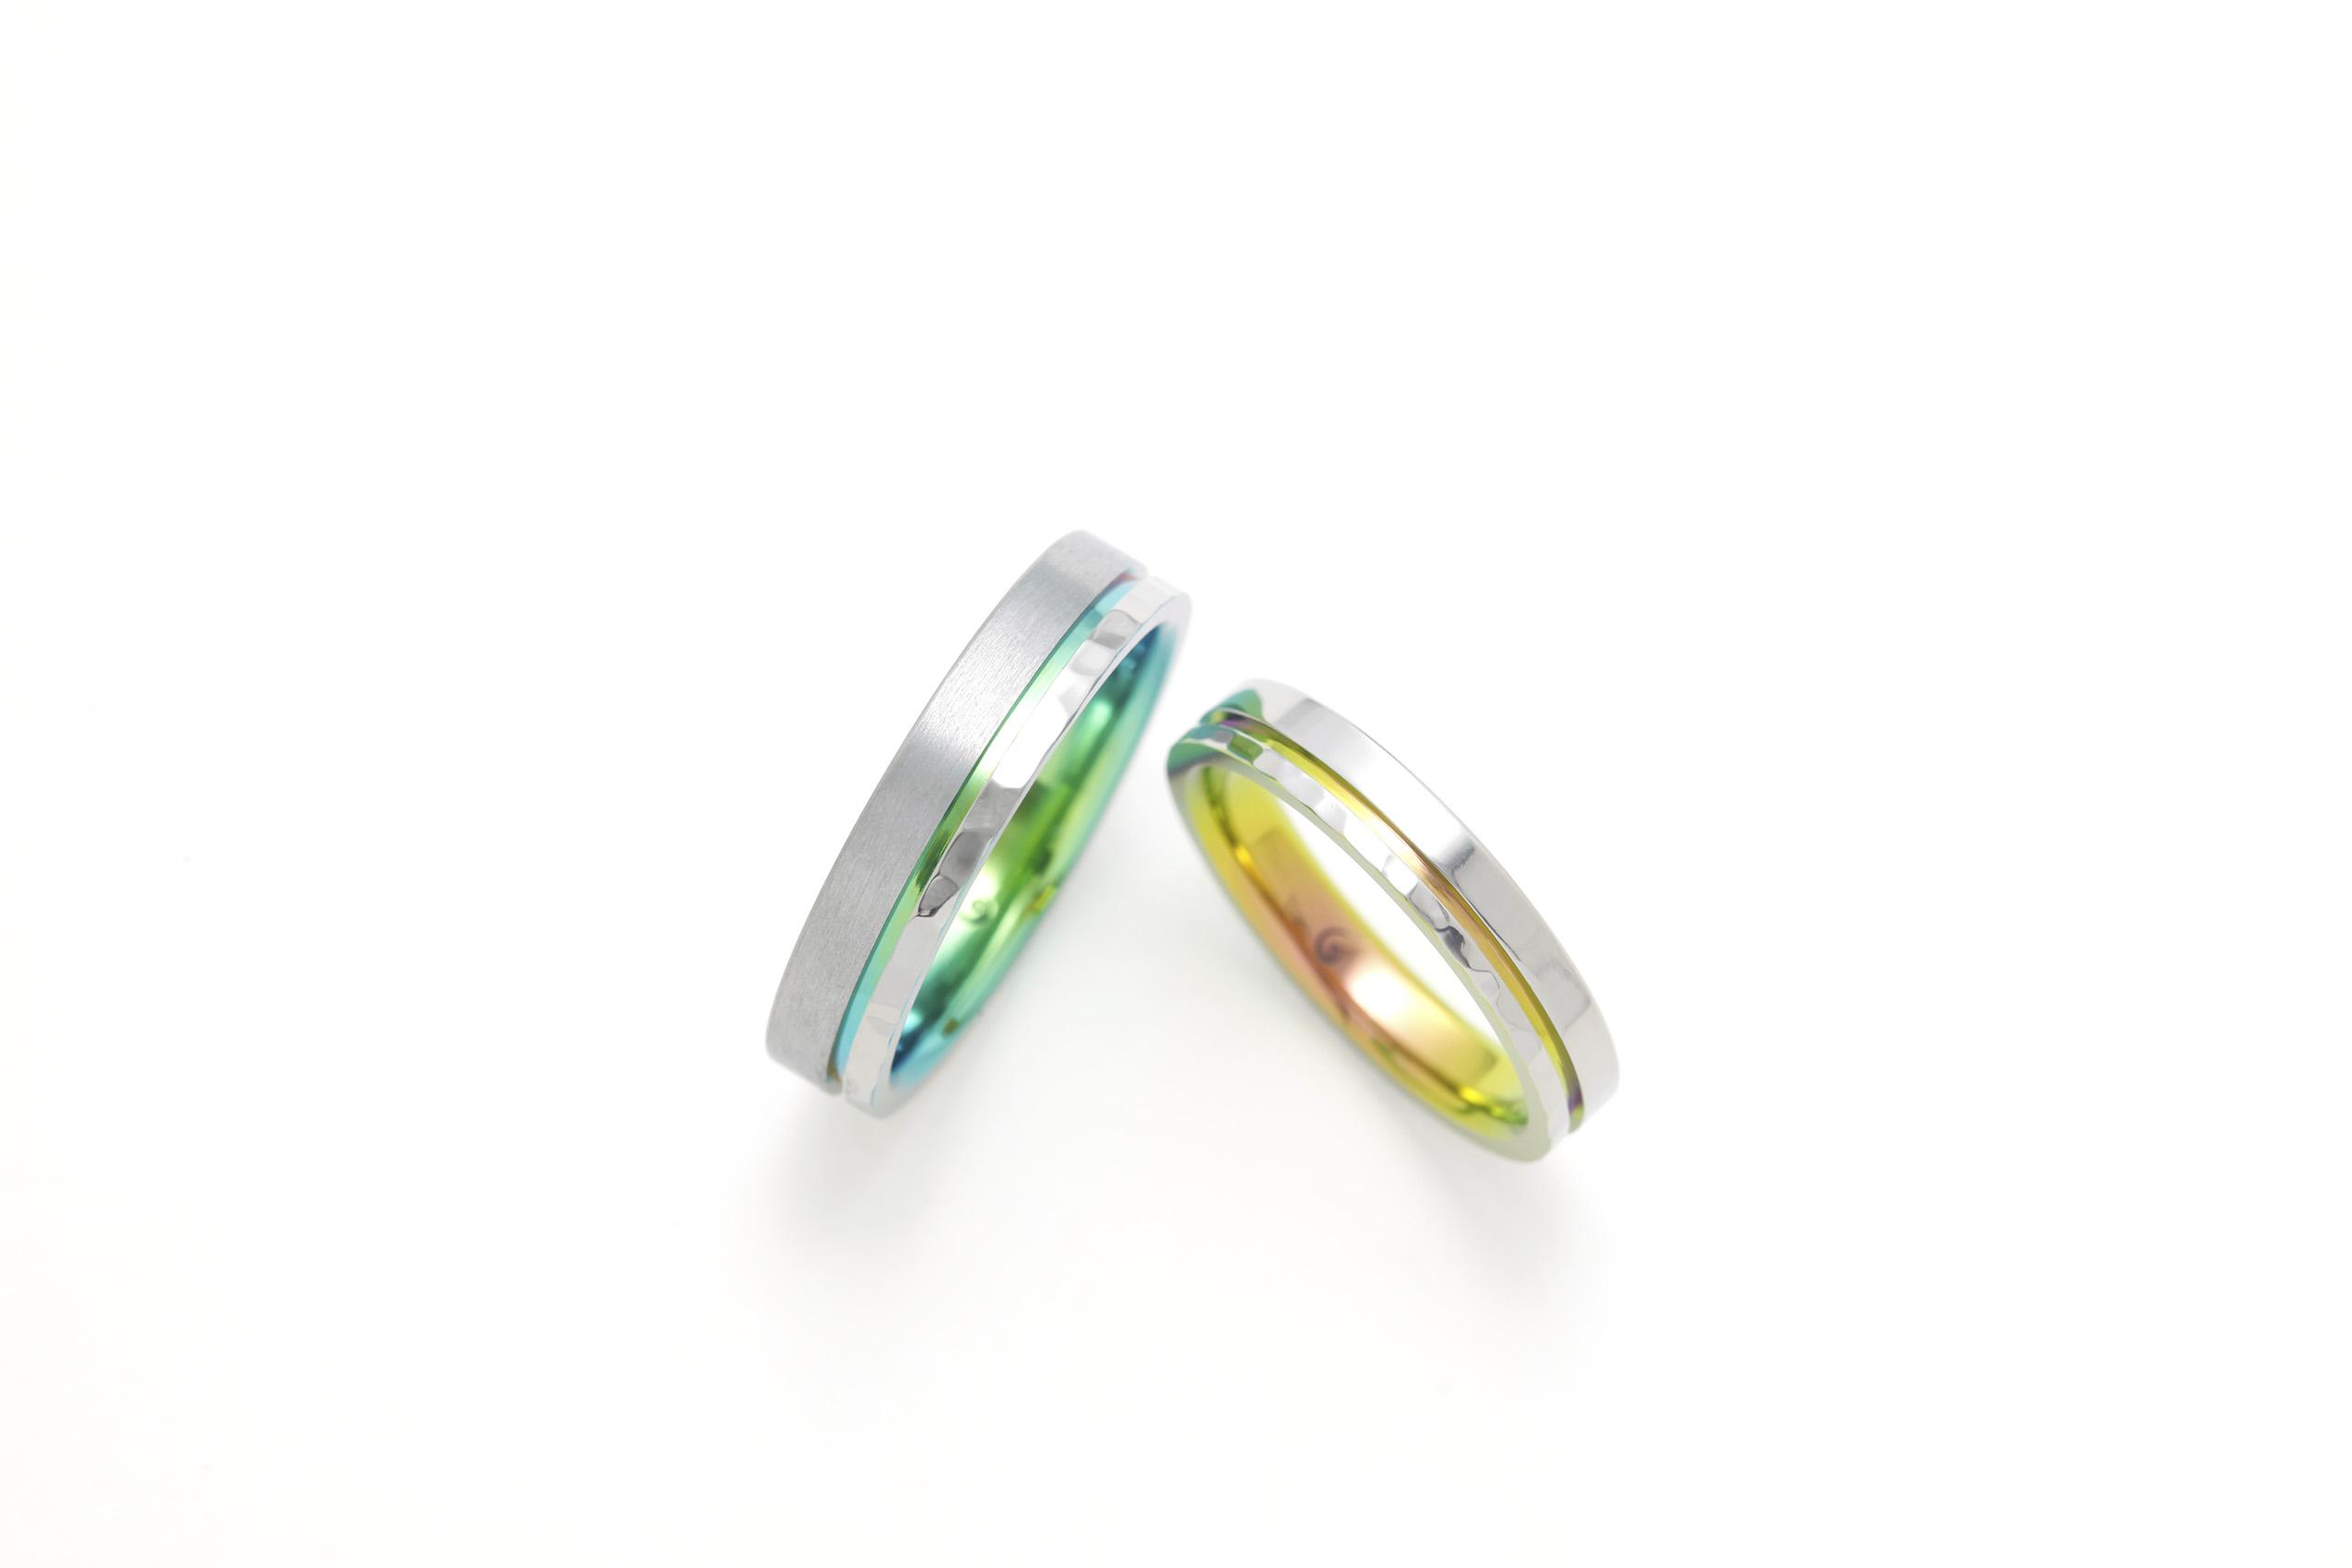 SORAの槌目の結婚指輪「ホライズン」